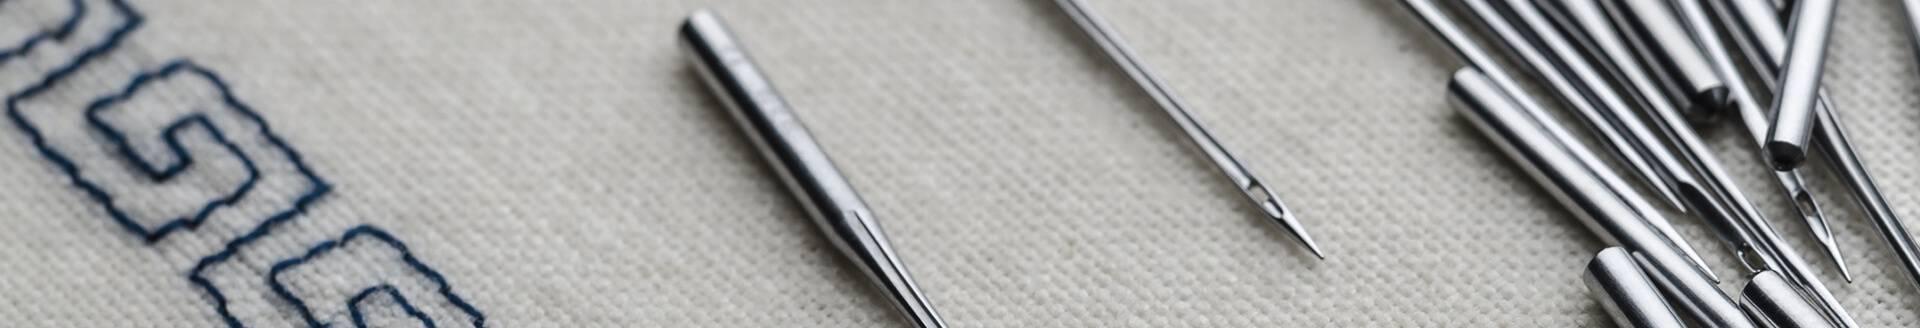 Venta online de agujas para máquinas de coser y bordar industriales